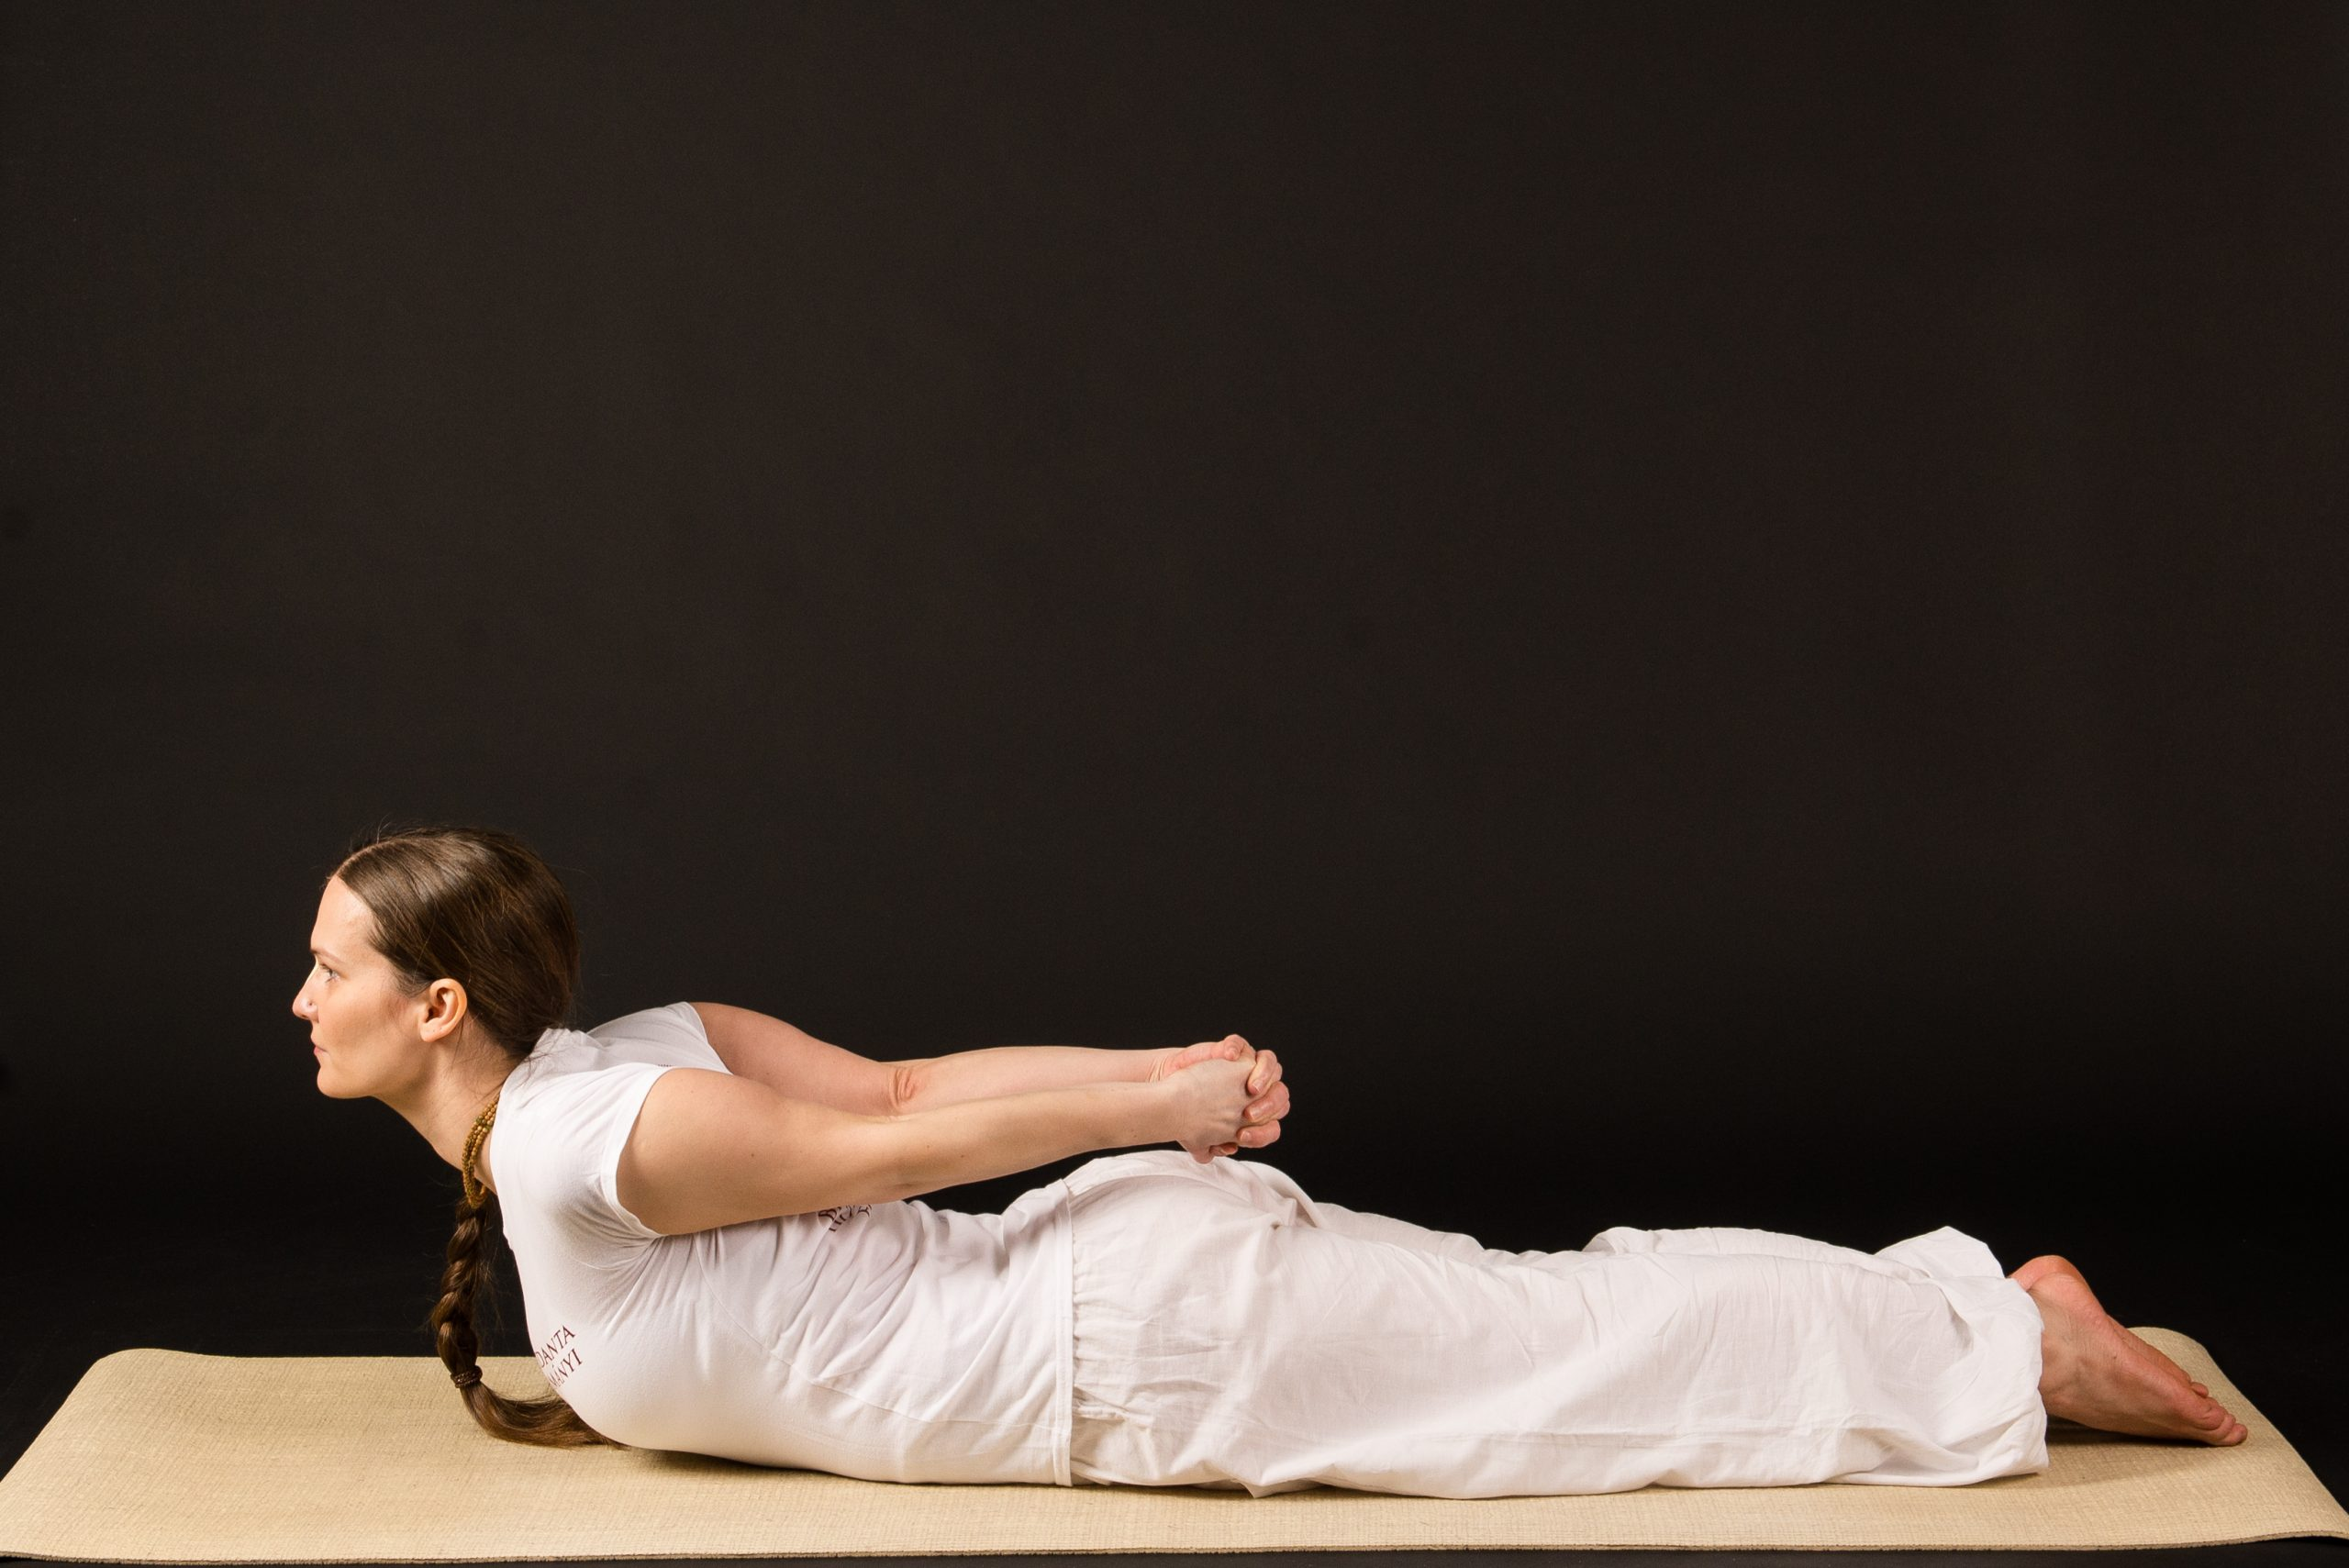 magas vérnyomás a nőgyógyászatban magas vérnyomás magas vérnyomás következményei